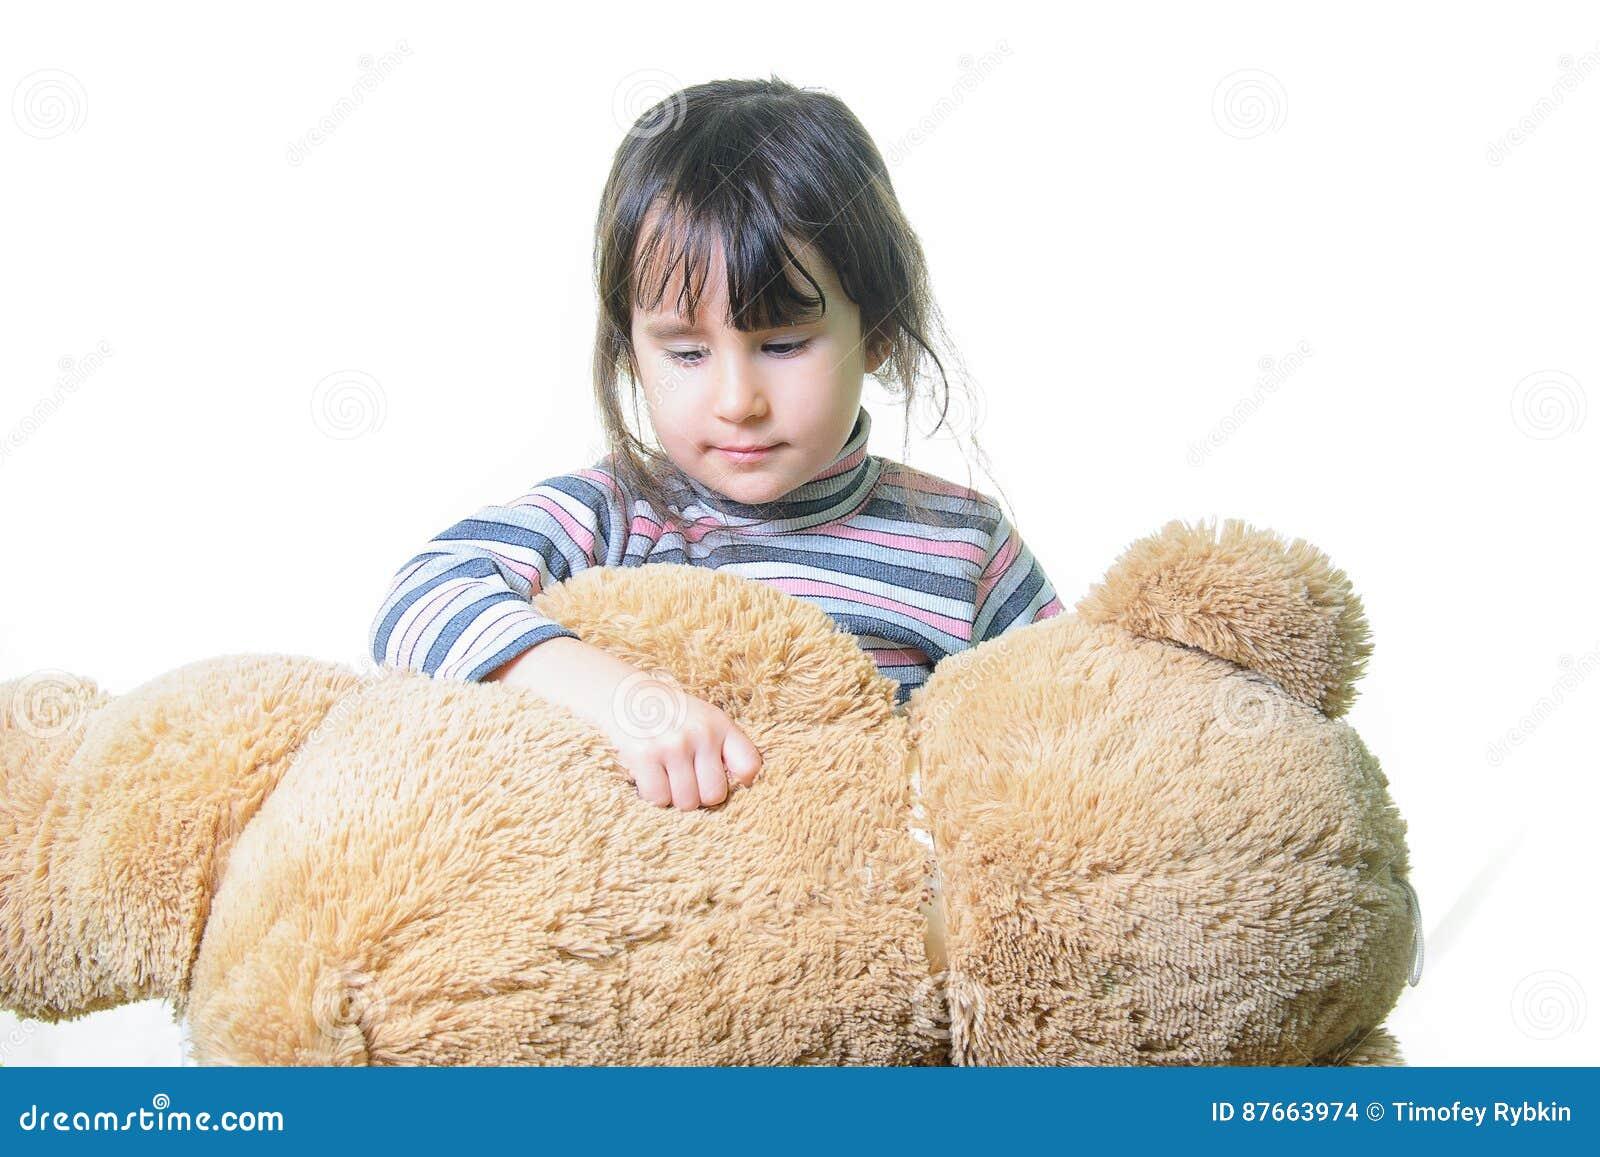 Spielwaren- und Leutekonzept - nettes kleines Mädchen, das Teddybären umarmt